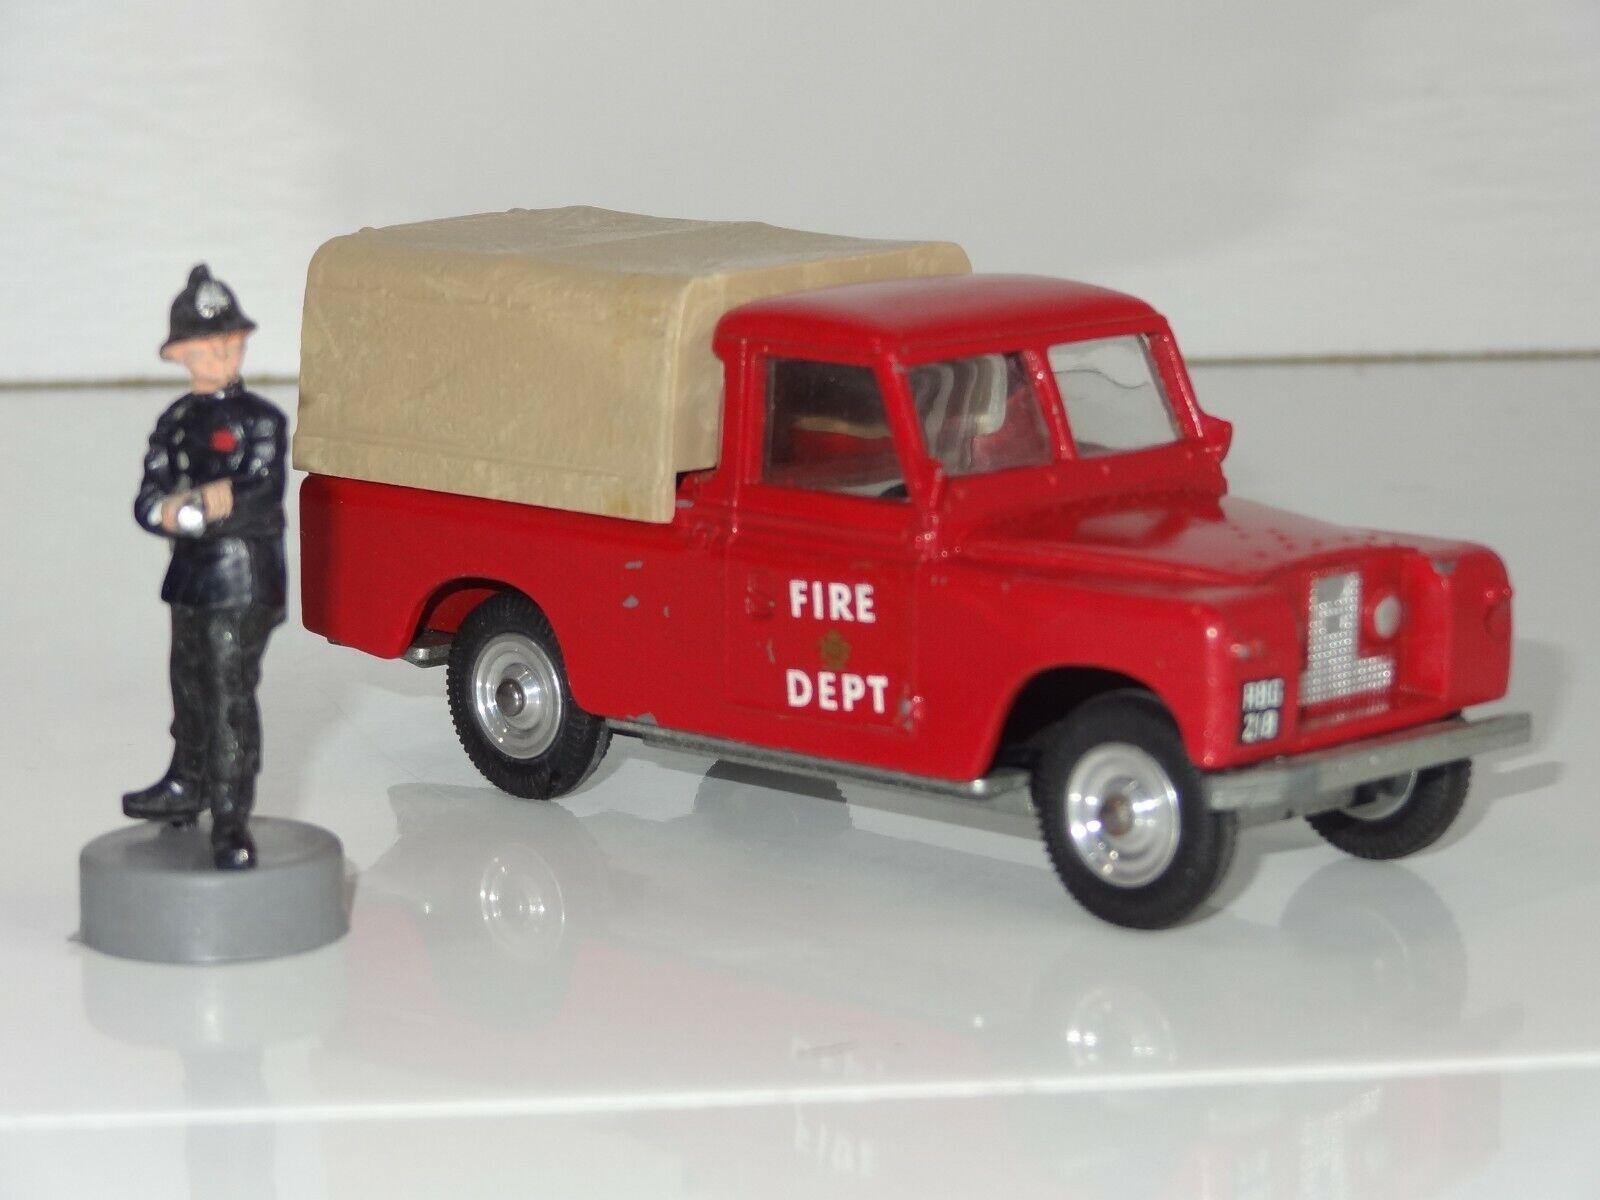 orden ahora con gran descuento y entrega gratuita Triang punto en en en Land Rover Fire Dept - 316 (209)  barato